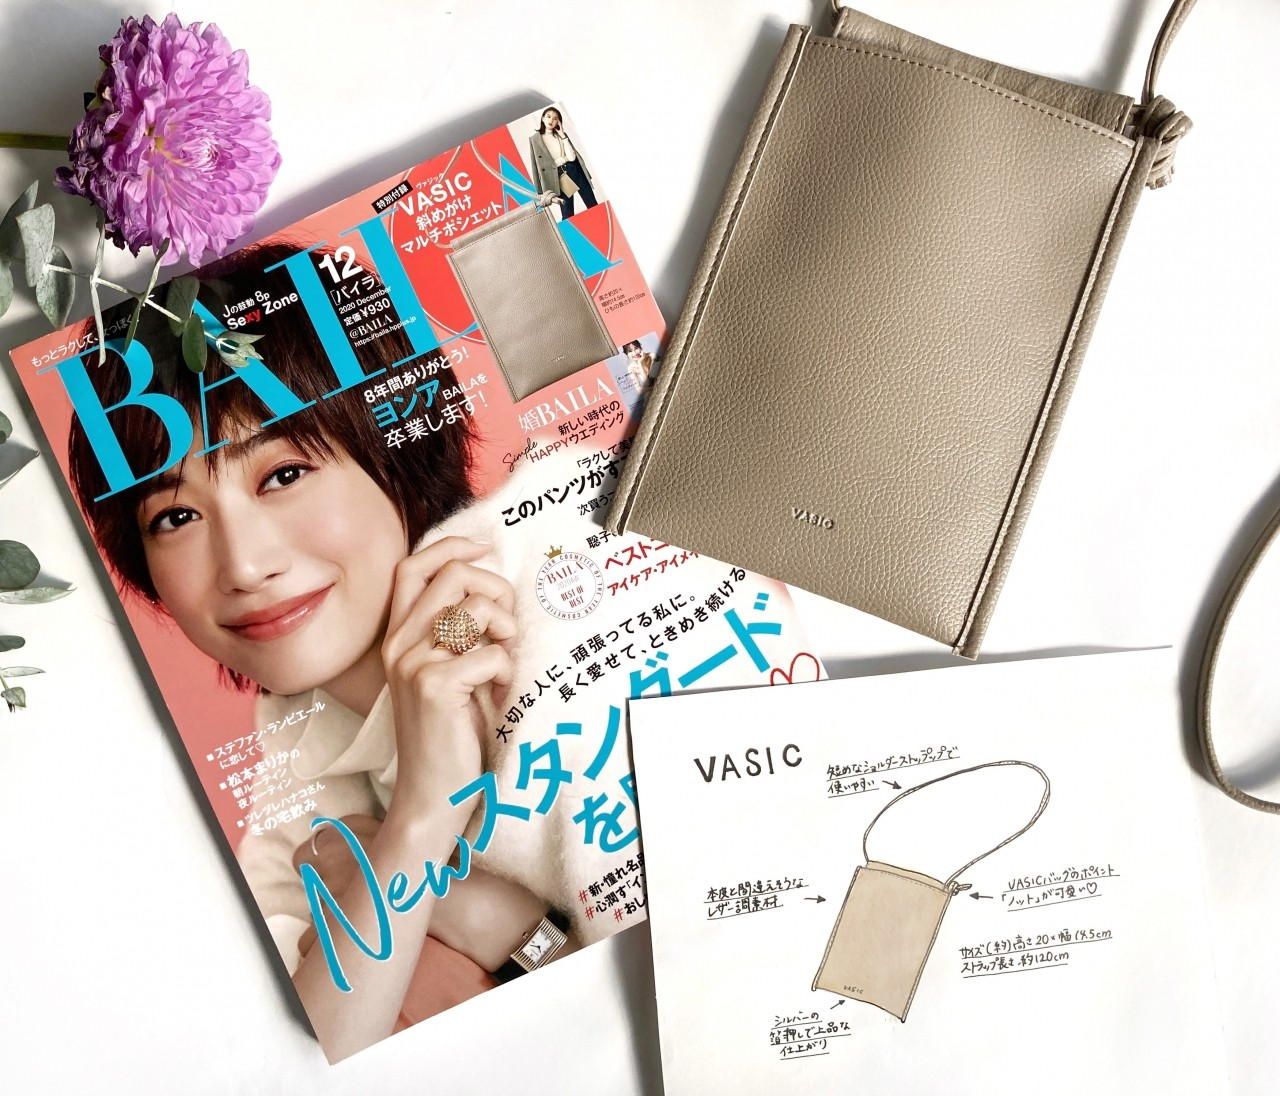 【BAILA12月号】VASICのマルチポシェットでニュアンスカラーコーデ♡